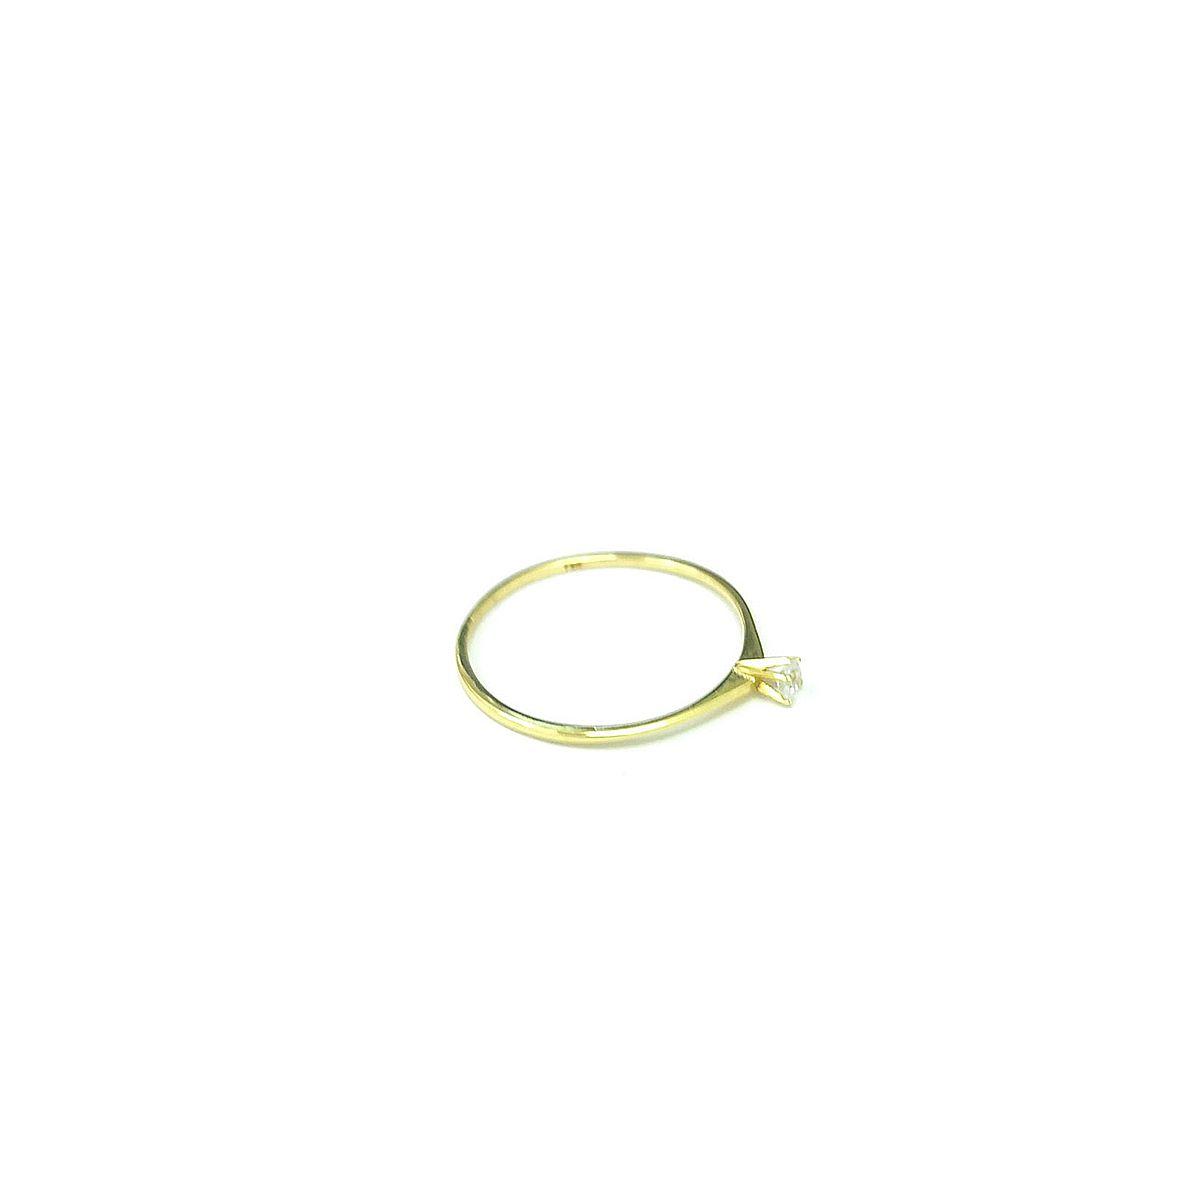 Solitário em Ouro 18K - Zirconia Central 2,4mm